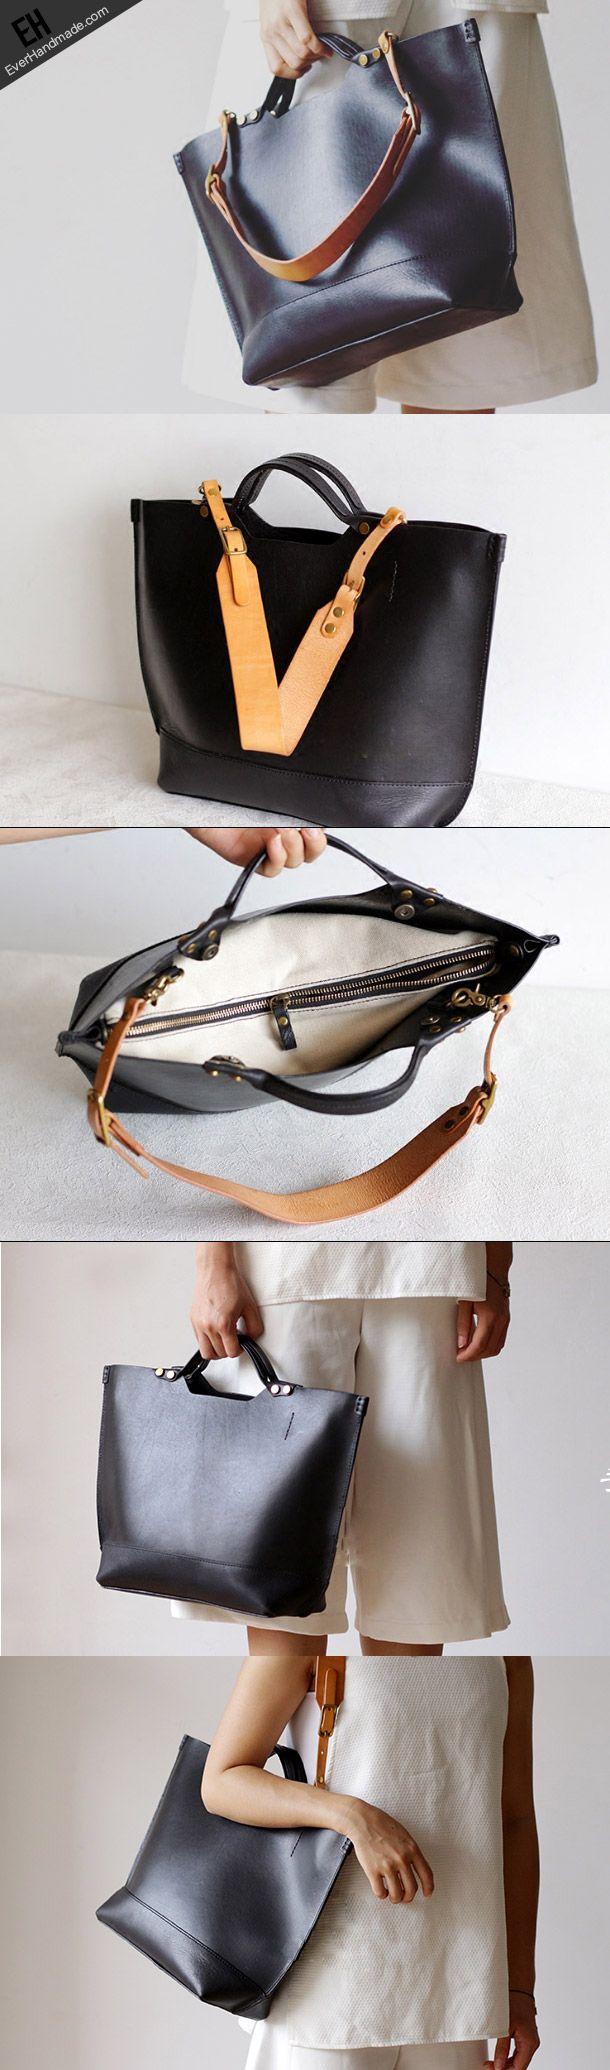 Handmade Leather tote bag for women leather shoulder bag handbag